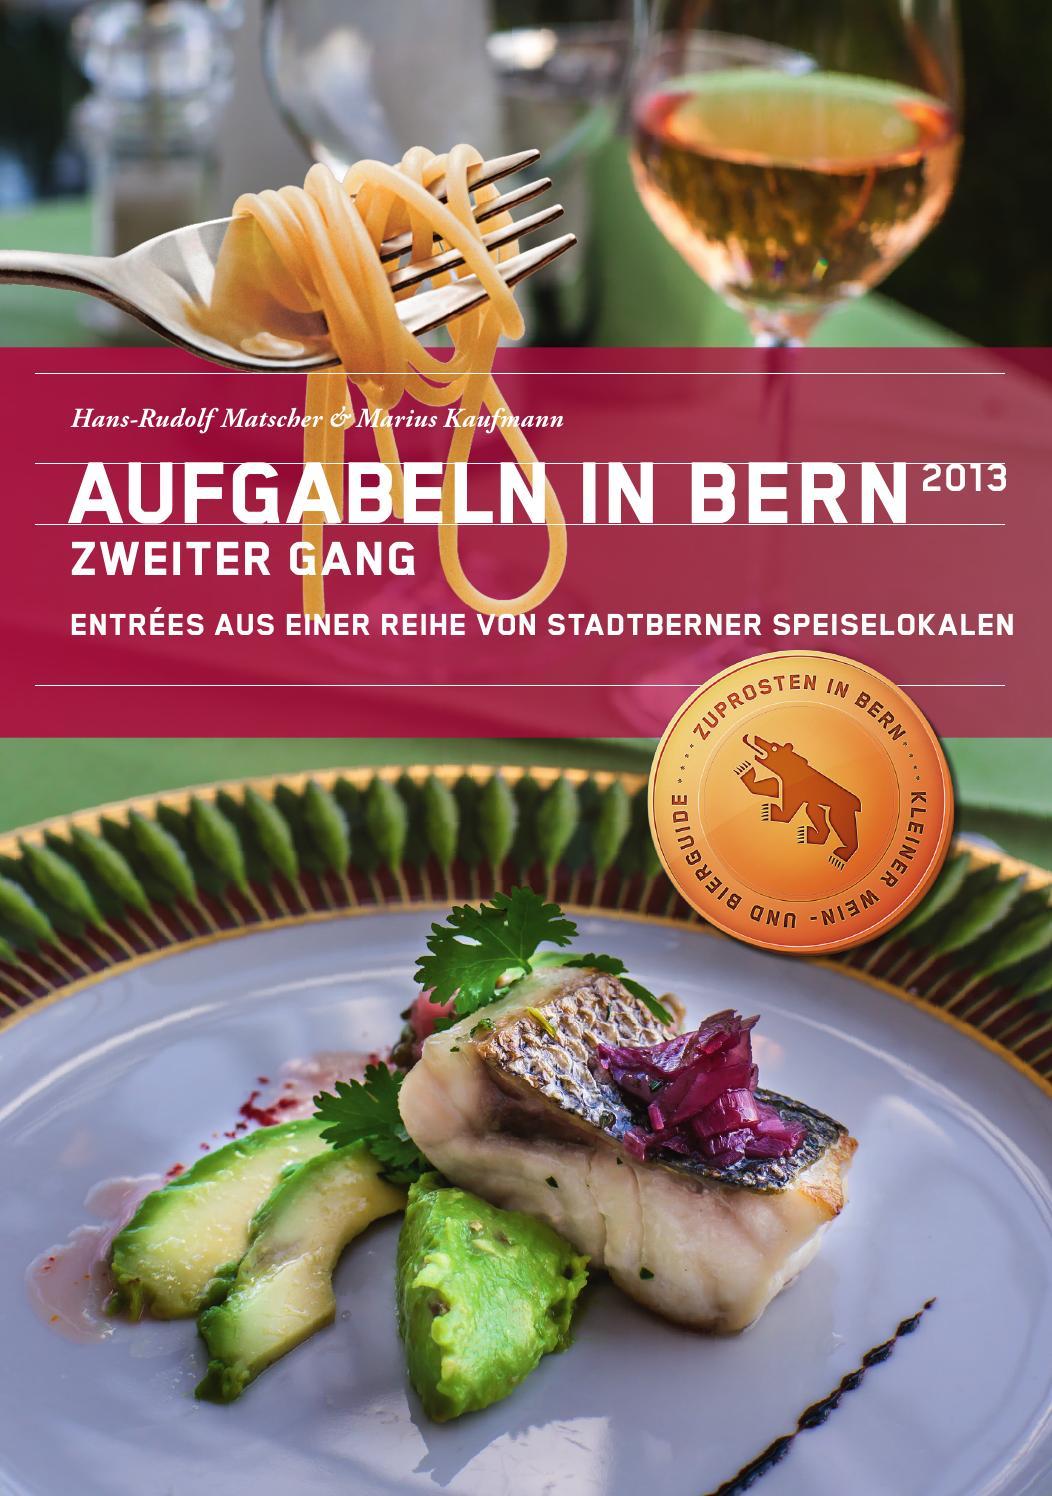 AUFGABELN IN BERN 2013, Zweiter Gang by Marius Kaufmann - issuu